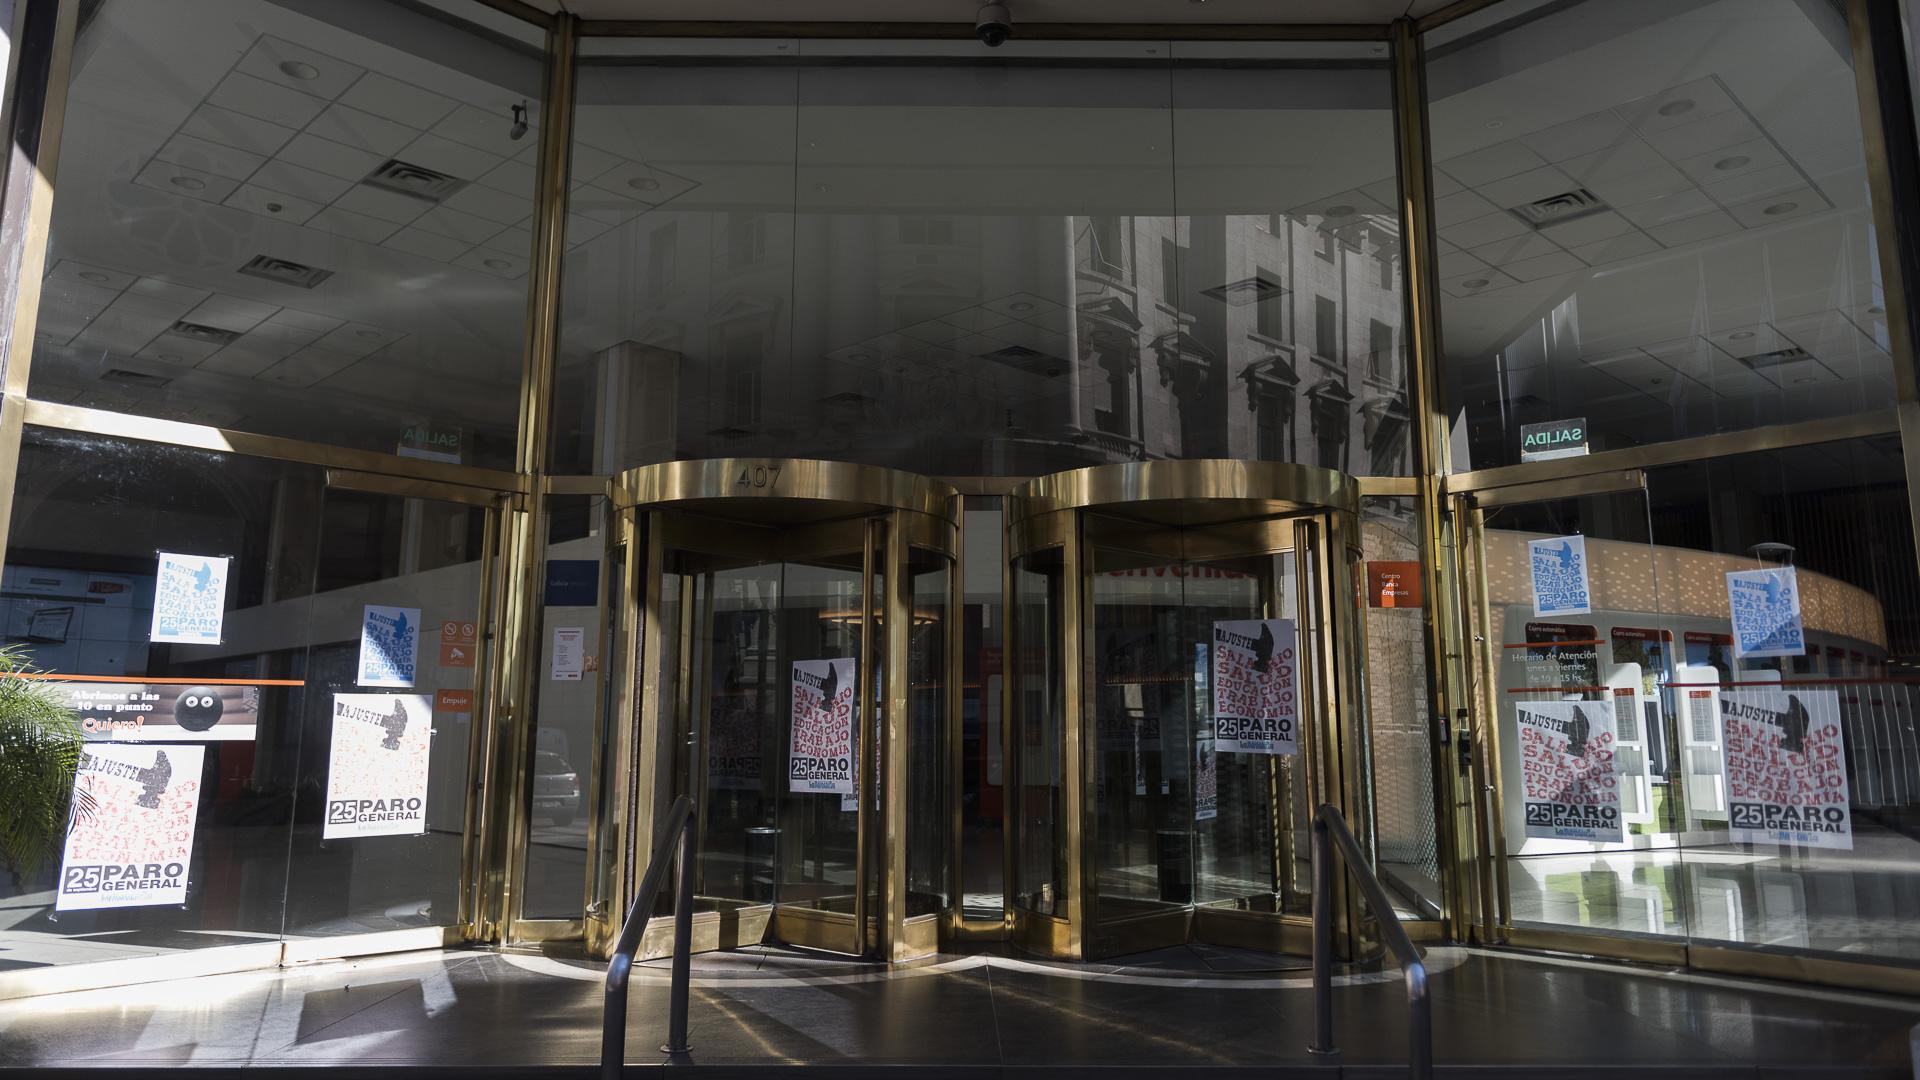 La banca pública estará mayoritarimente cerrada junto a algunas entidades del sector privado (Adrián Escandar)